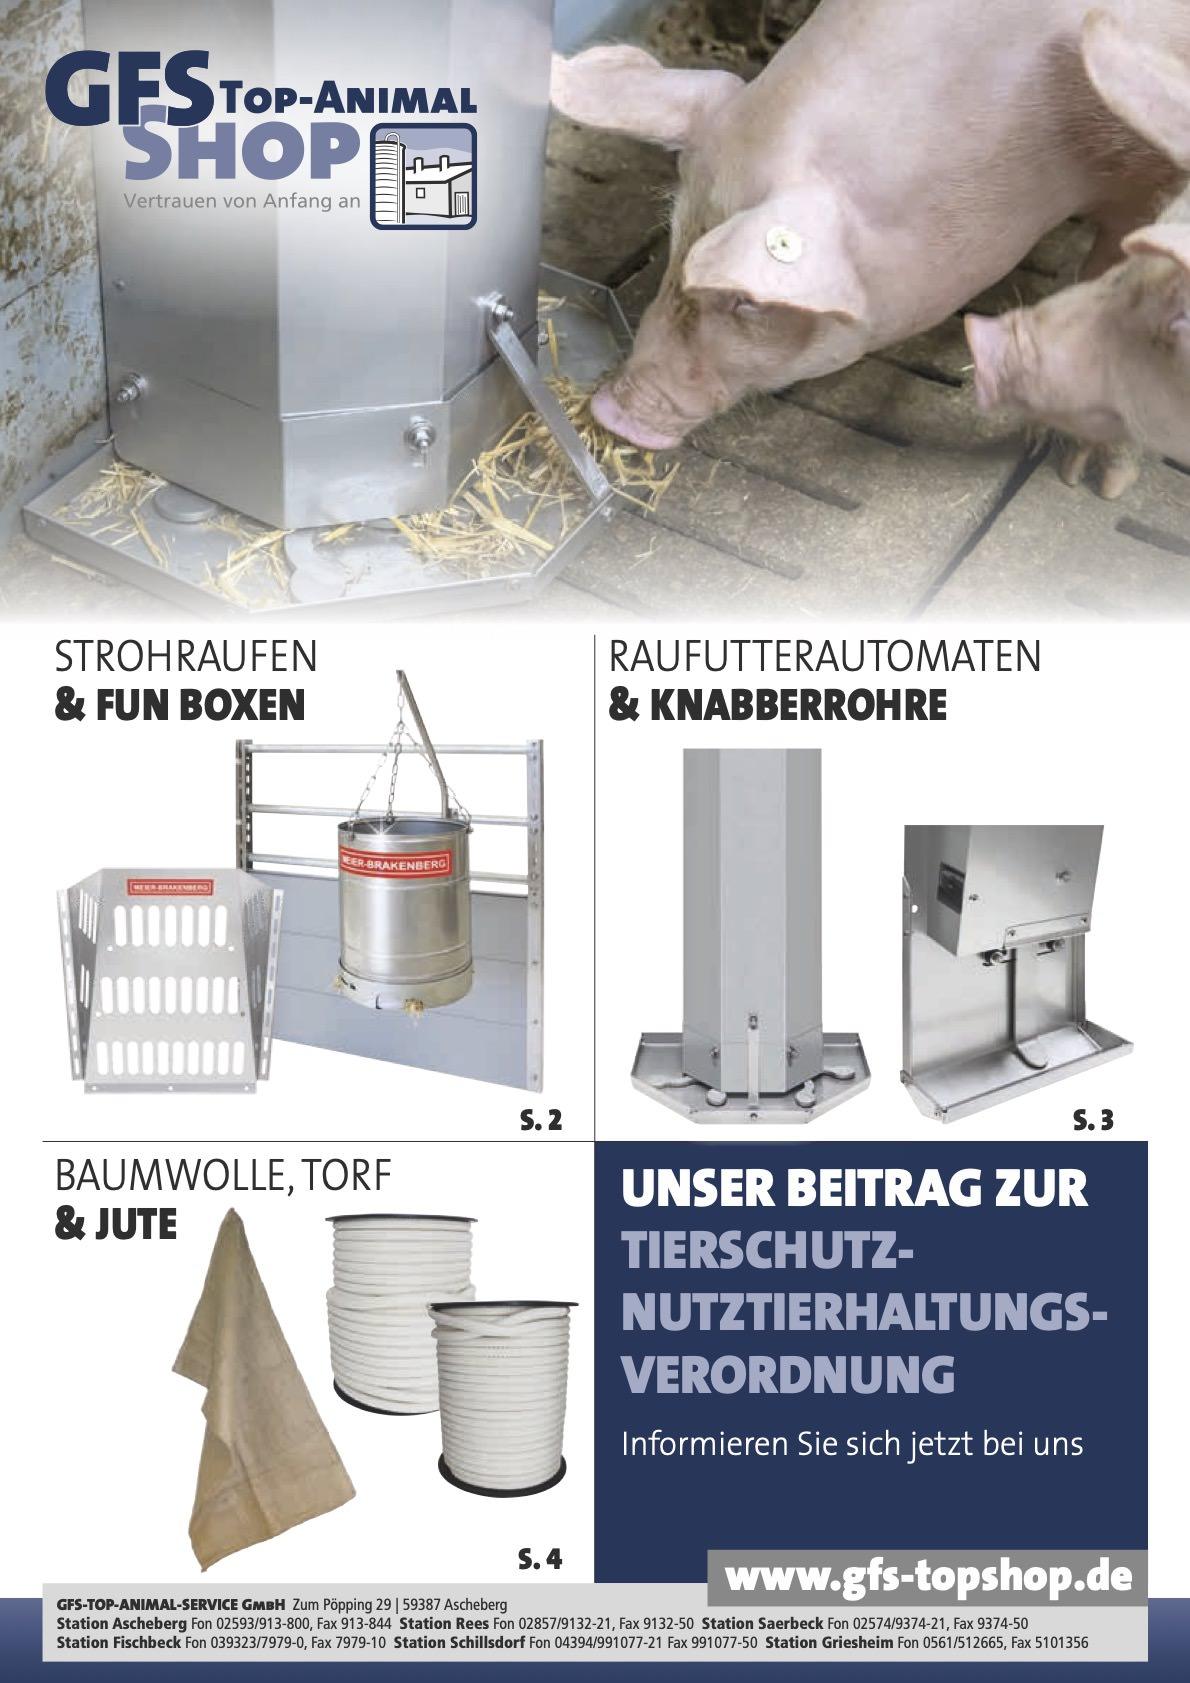 Tierschutz-Nutztierhaltungsverordnung